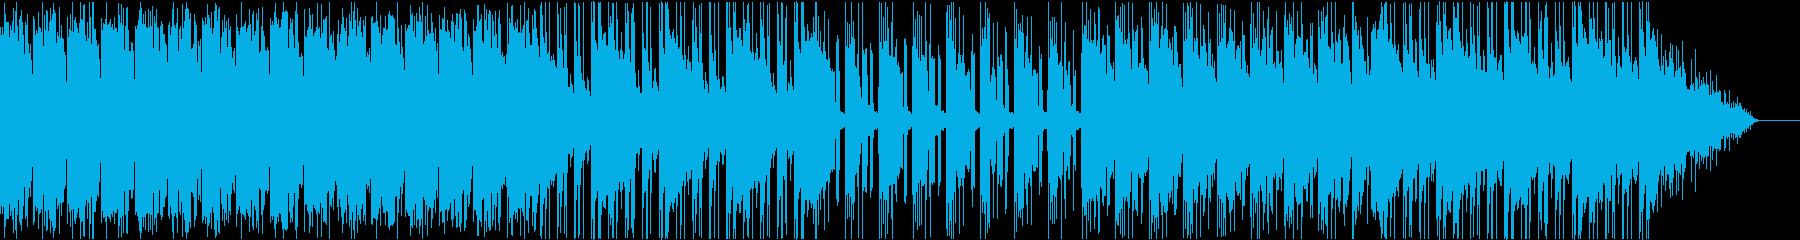 トロピカル・夕暮れ・夕日の再生済みの波形